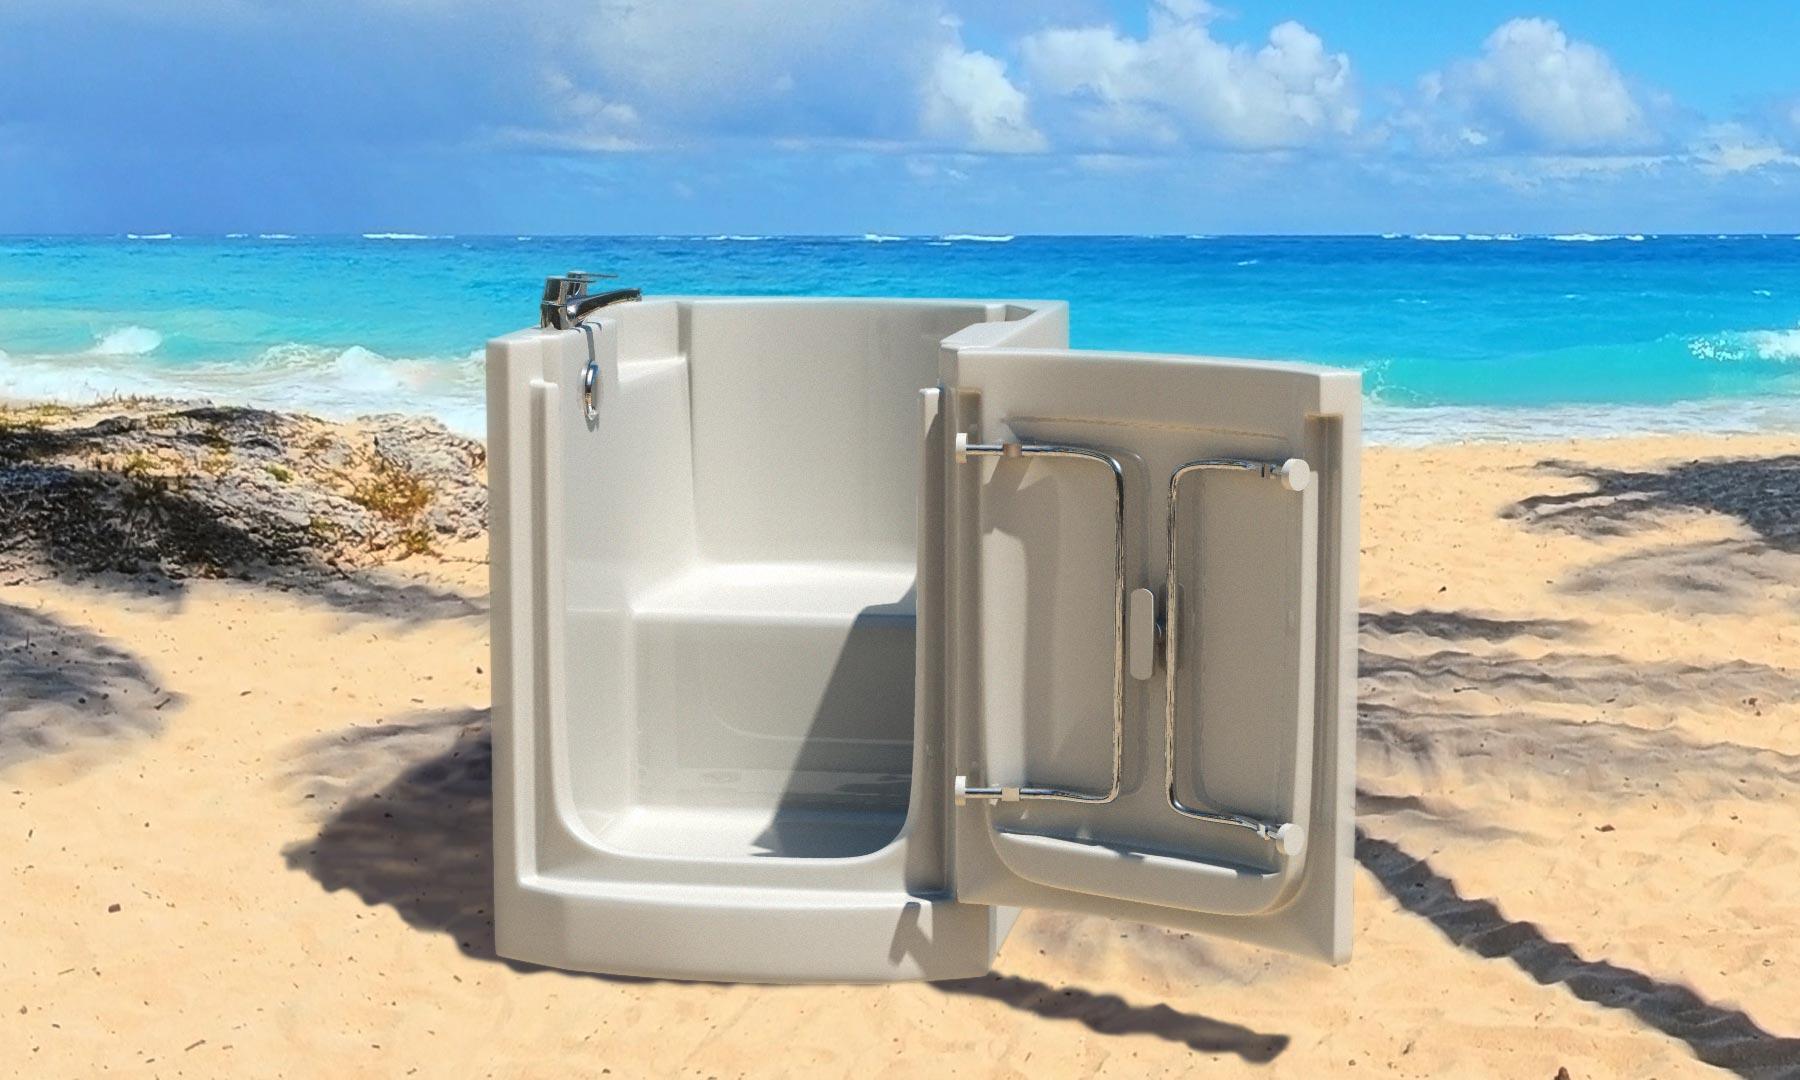 bath in a beach location product CGI shot